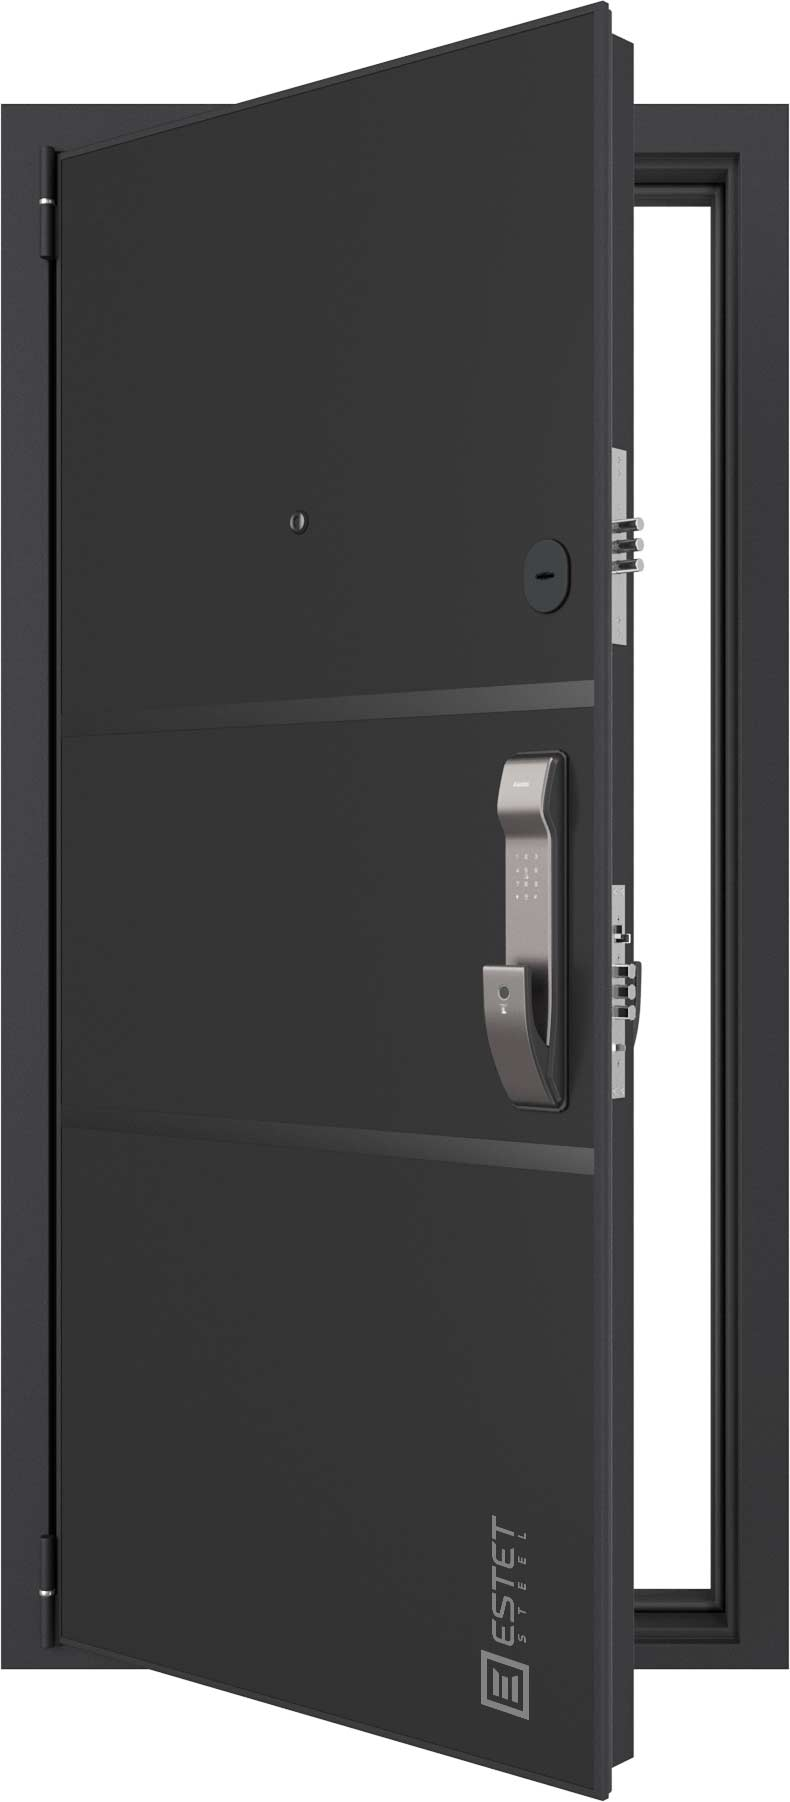 Входная дверь Дверь Лофт SMART 9.2 с электронным замком